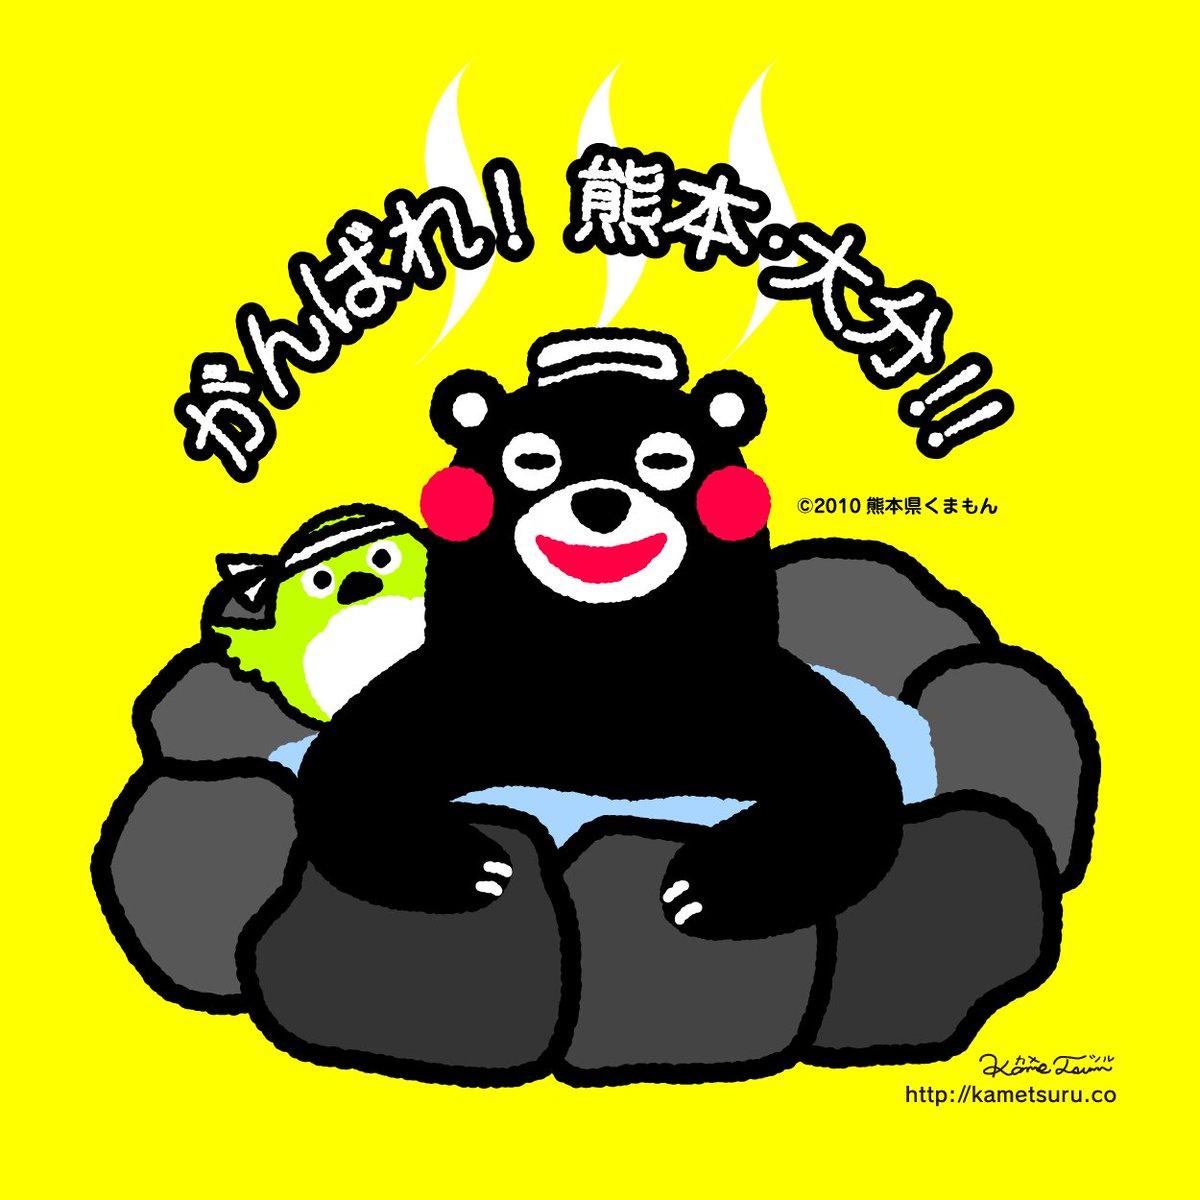 みんな落ち着いたら熊本と大分に遊びに来てね!いいところだよ! #くまモン頑張れ絵 https://t.co/MIr5OtbdhV